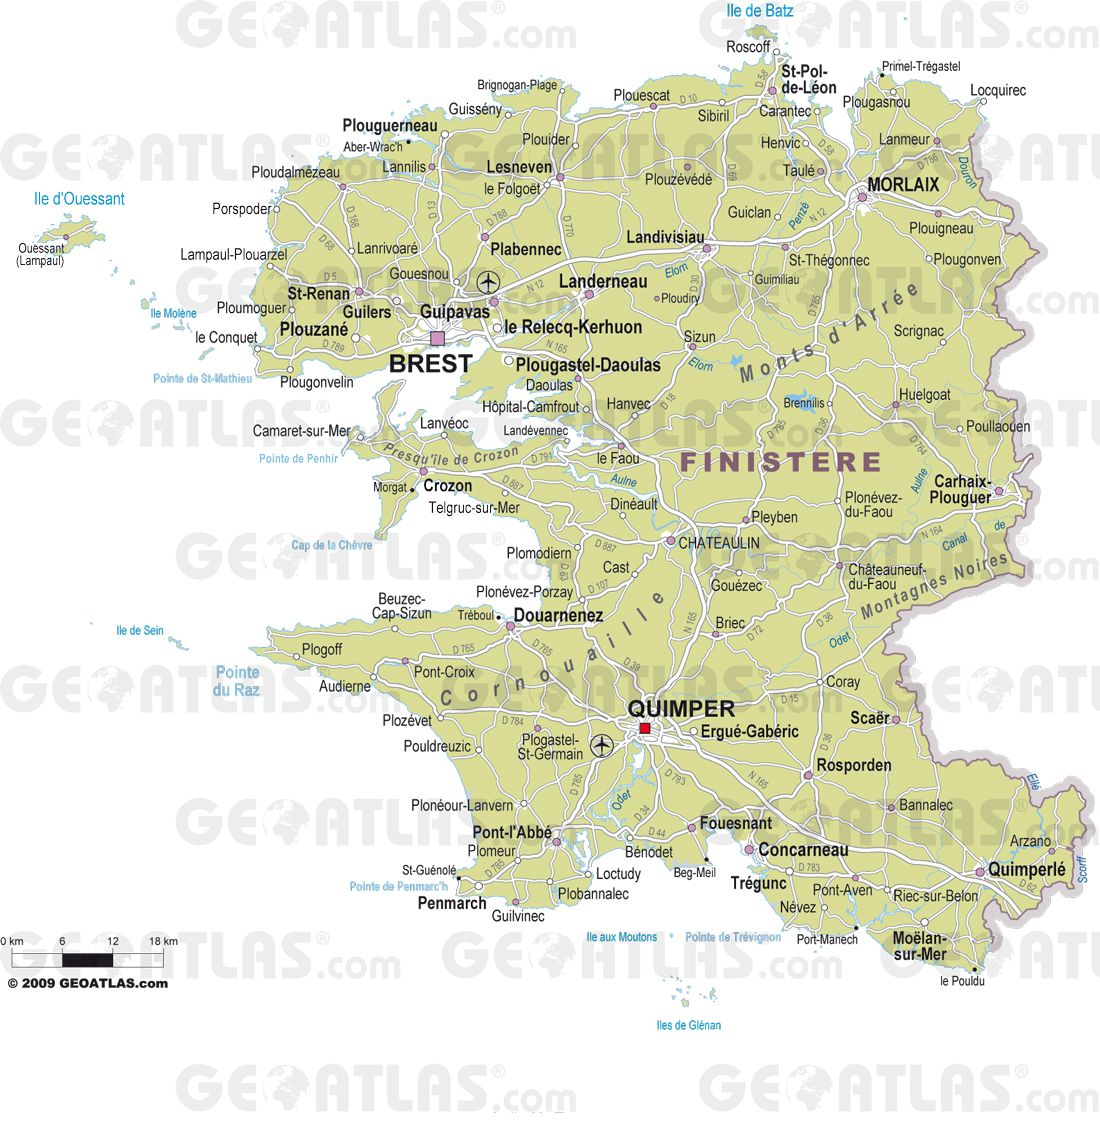 Carte des villes du Finistère